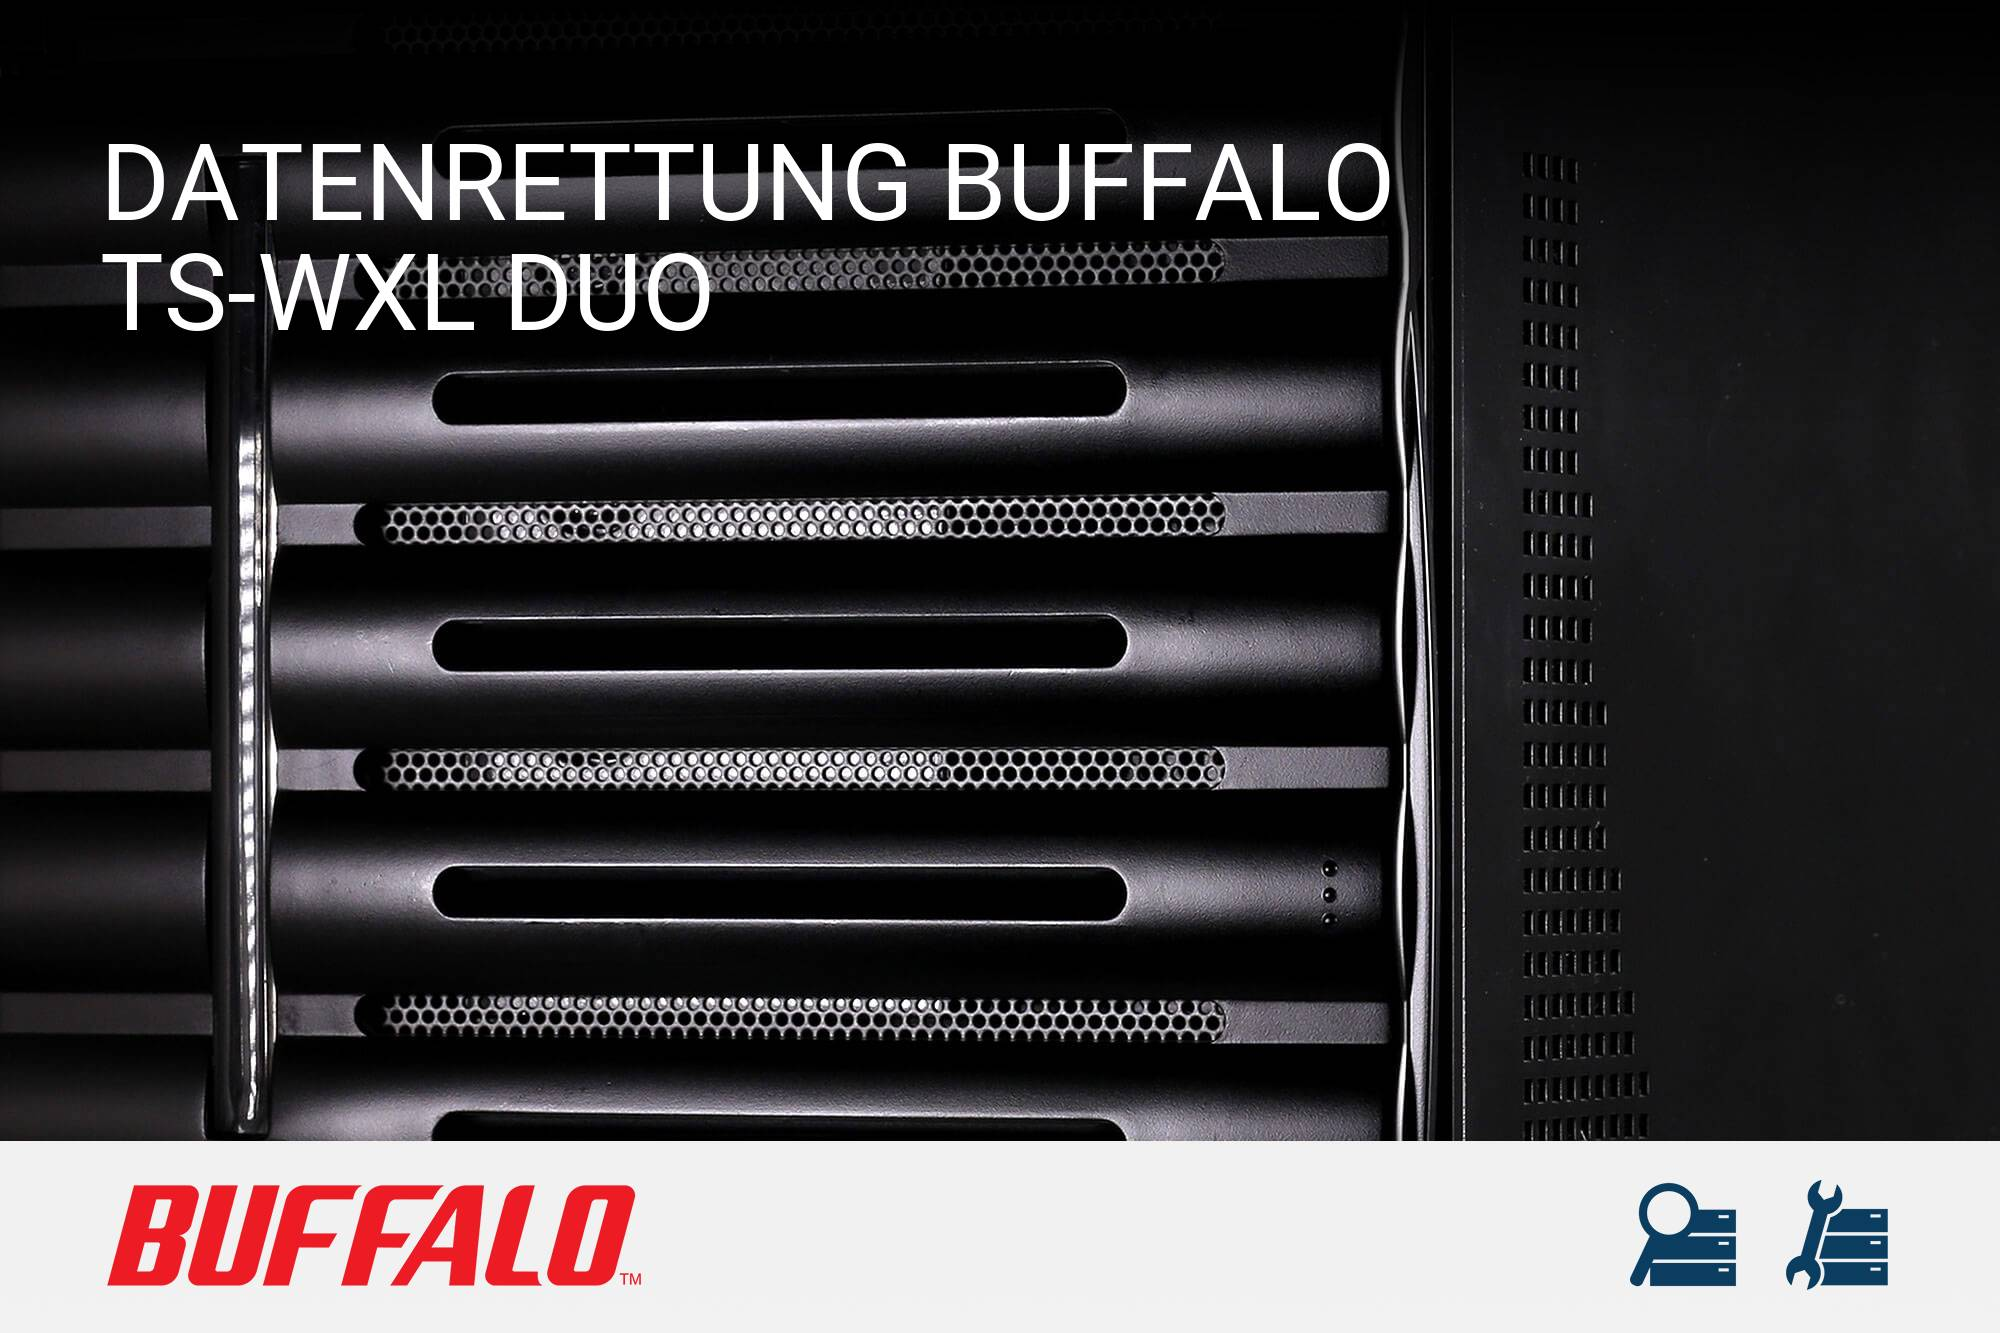 Buffalo TS-WXL Duo